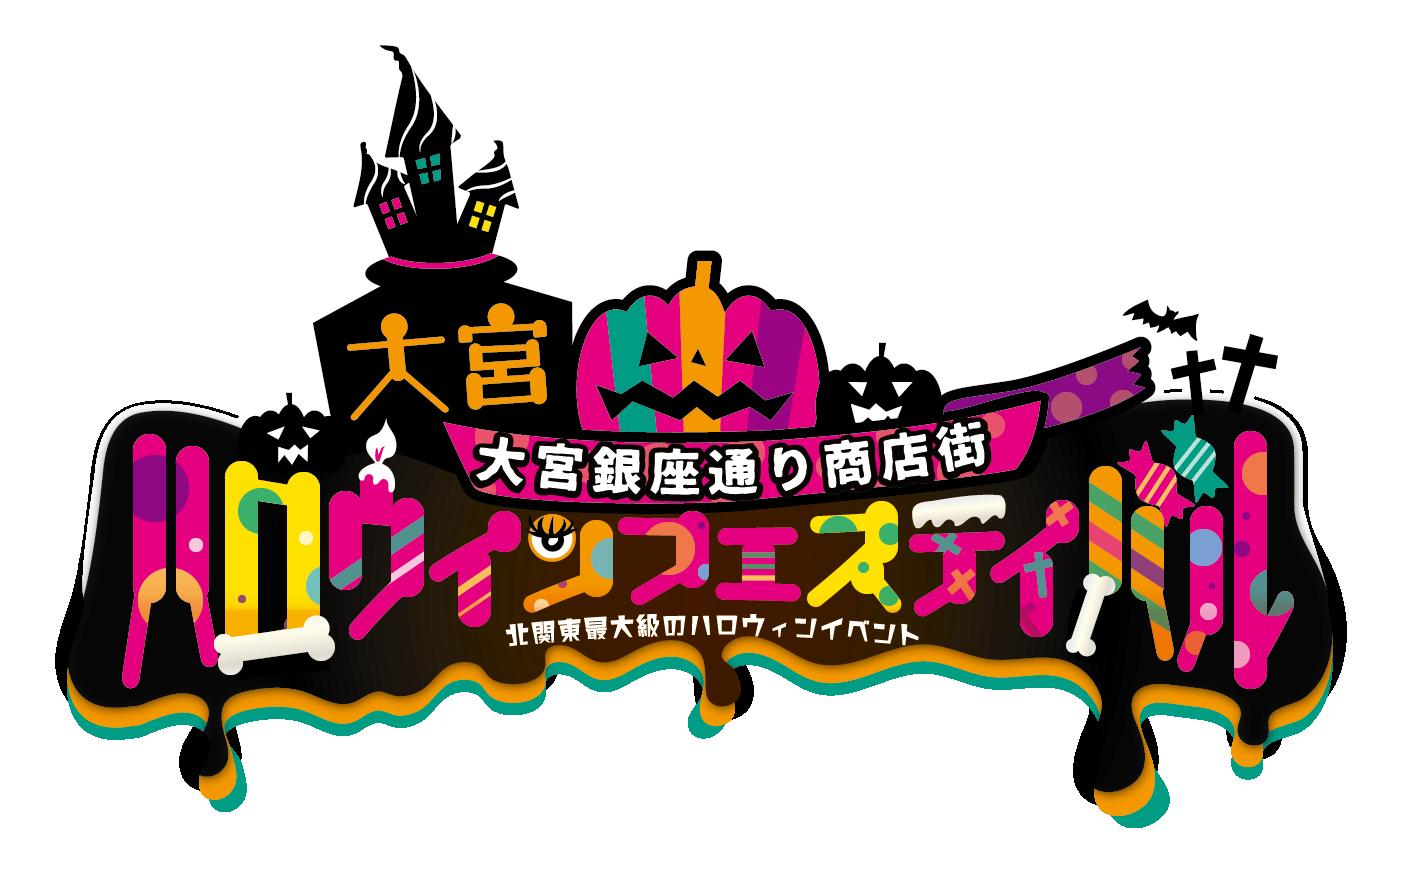 大宮ハロウィンフェスティバル2019